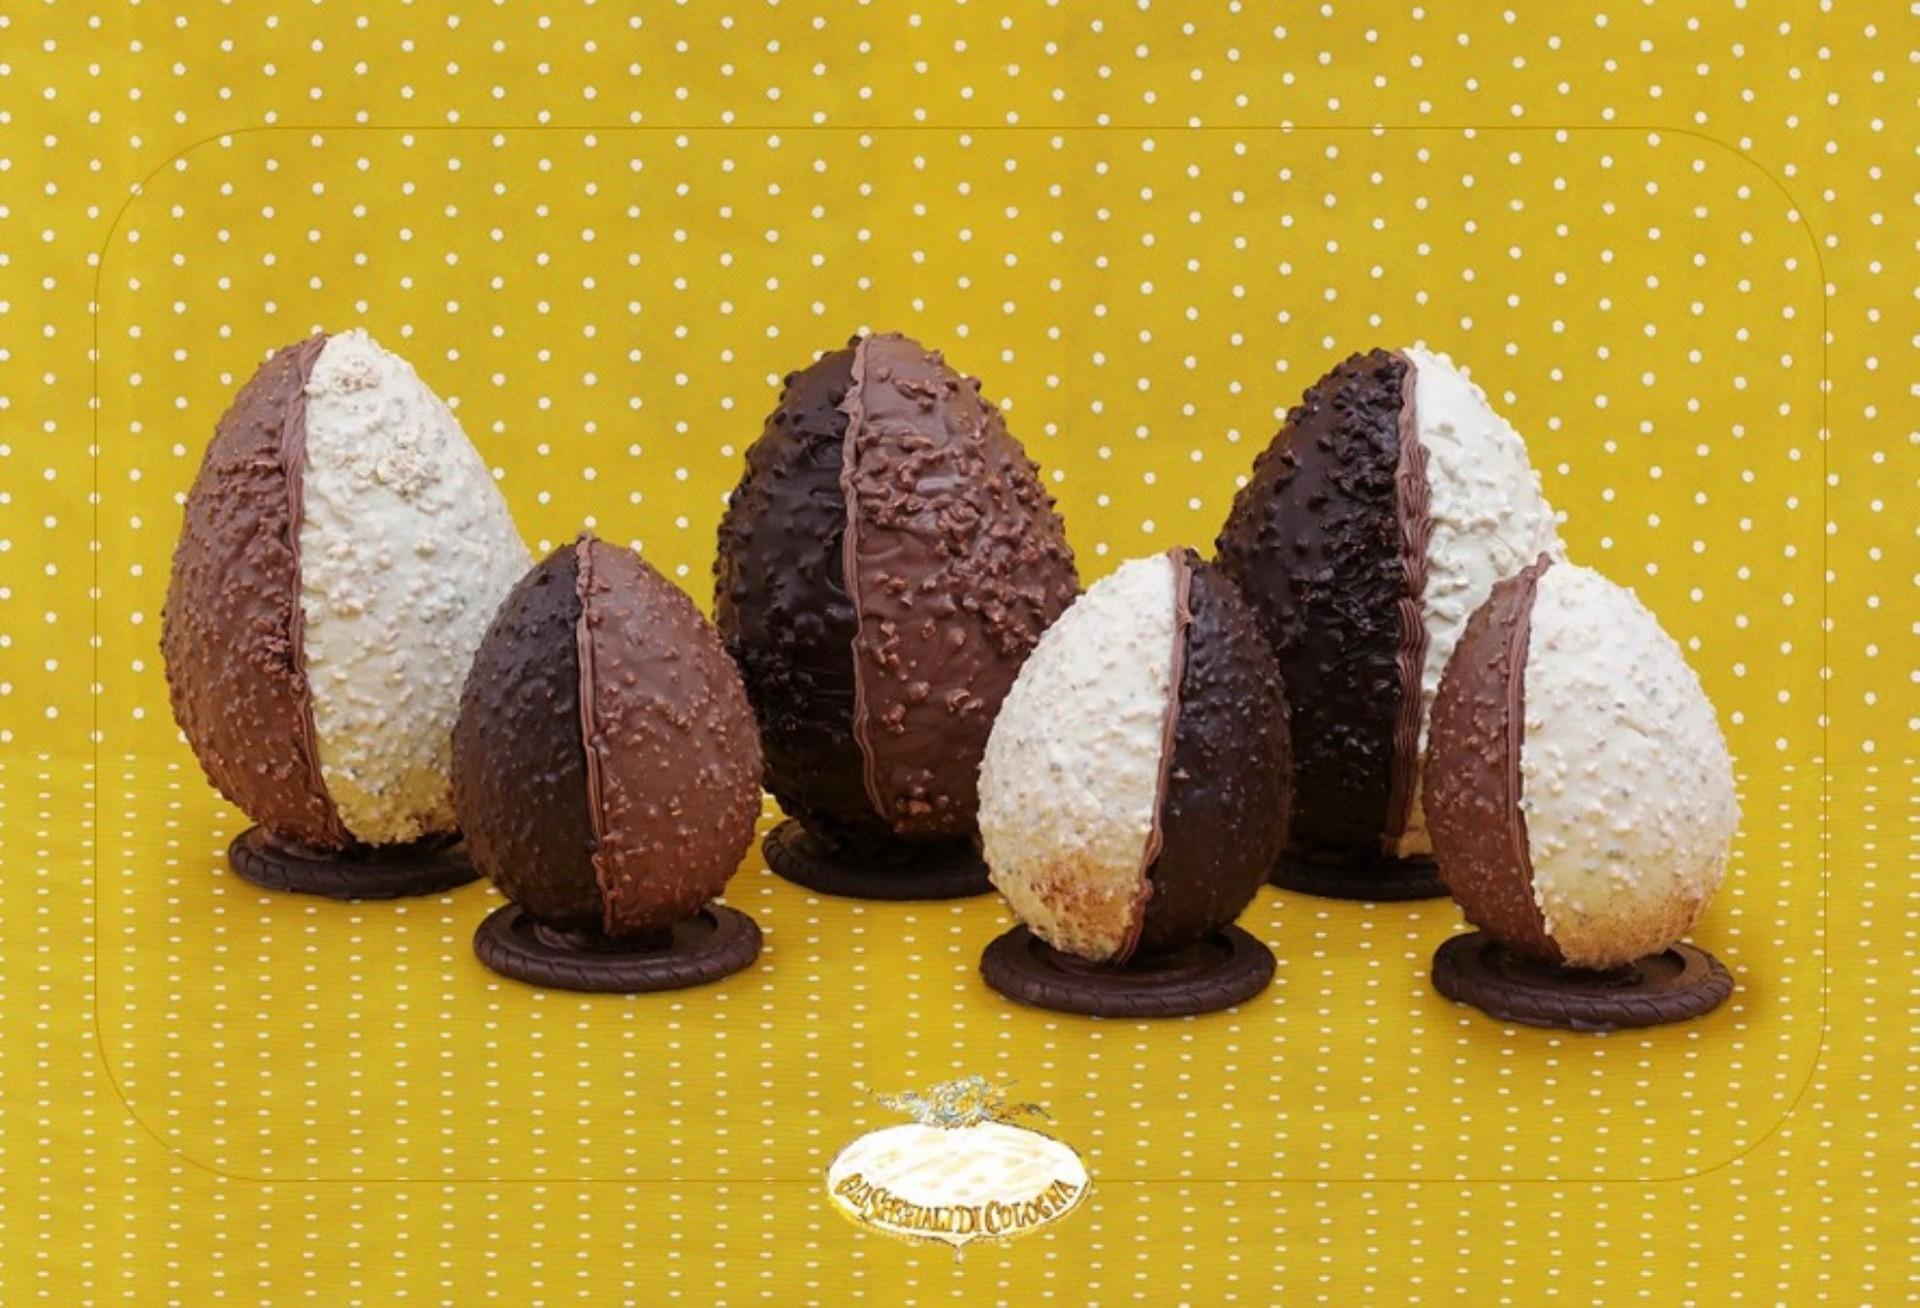 gli-speziali-di-cologna-veneta-uovo-di-cioccolato-e-mandorlato-pasquale-con-sorpresa-double.jpg